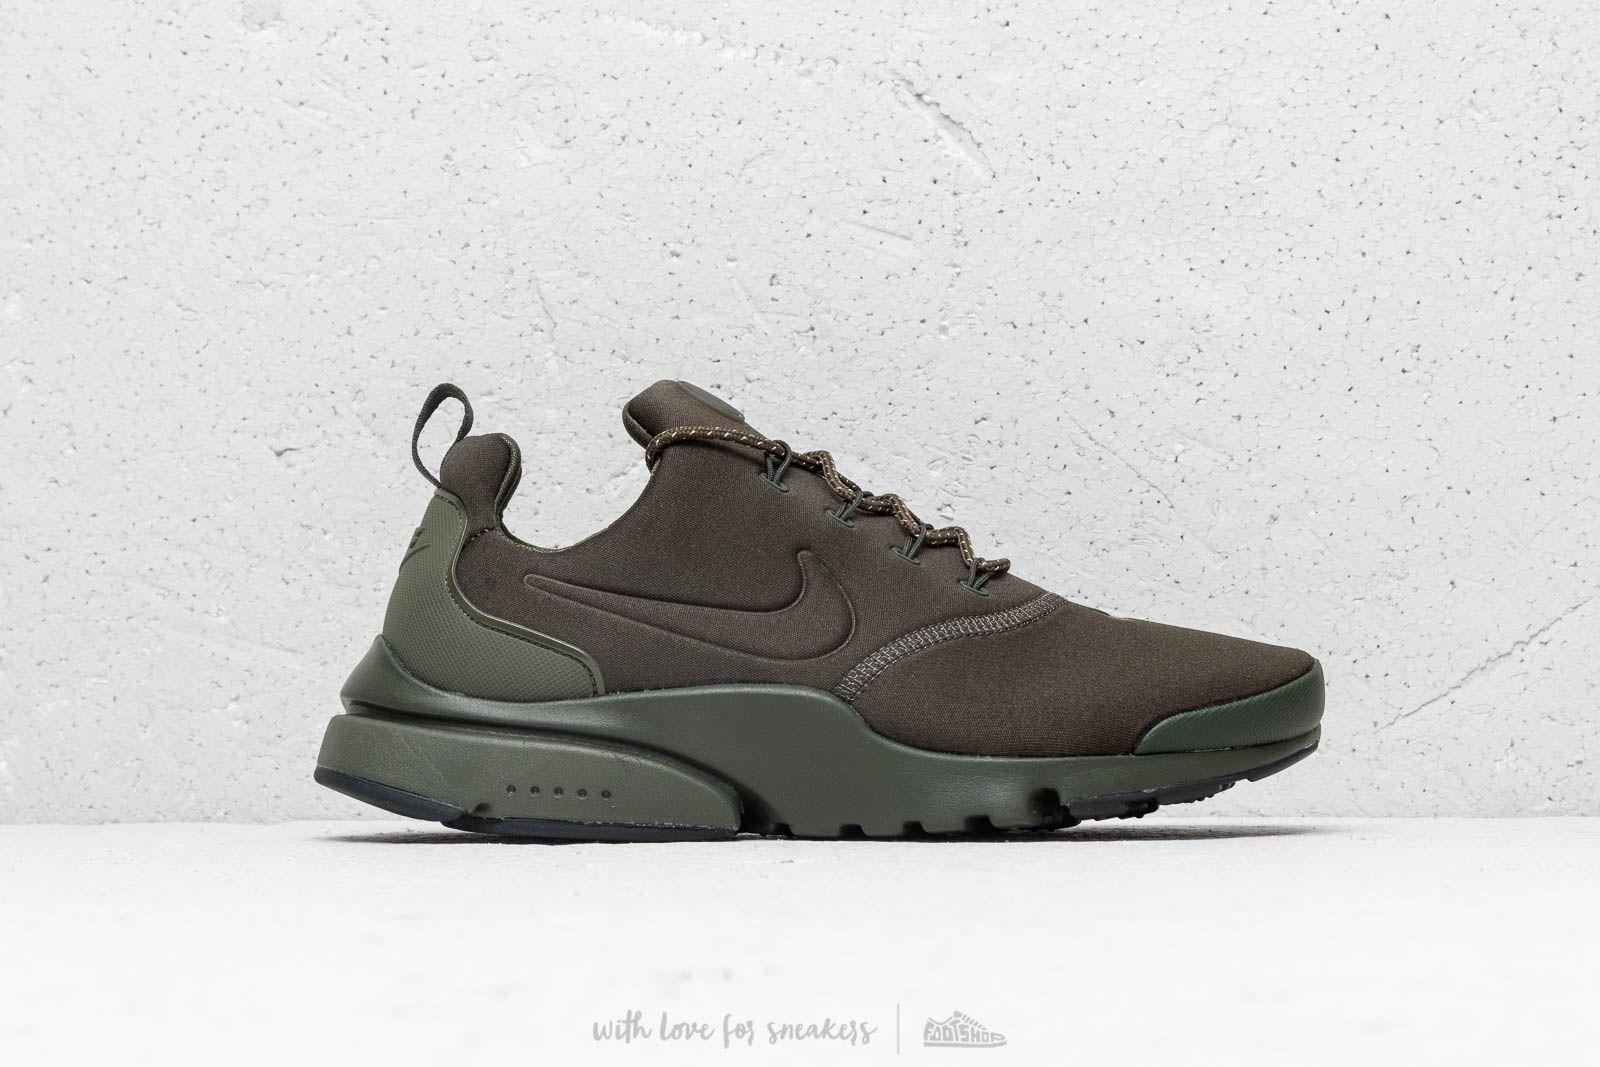 af21946c2c9e Nike Presto Fly SE Sequoia  Cargo Khaki-Sequoia at a great price 110 €